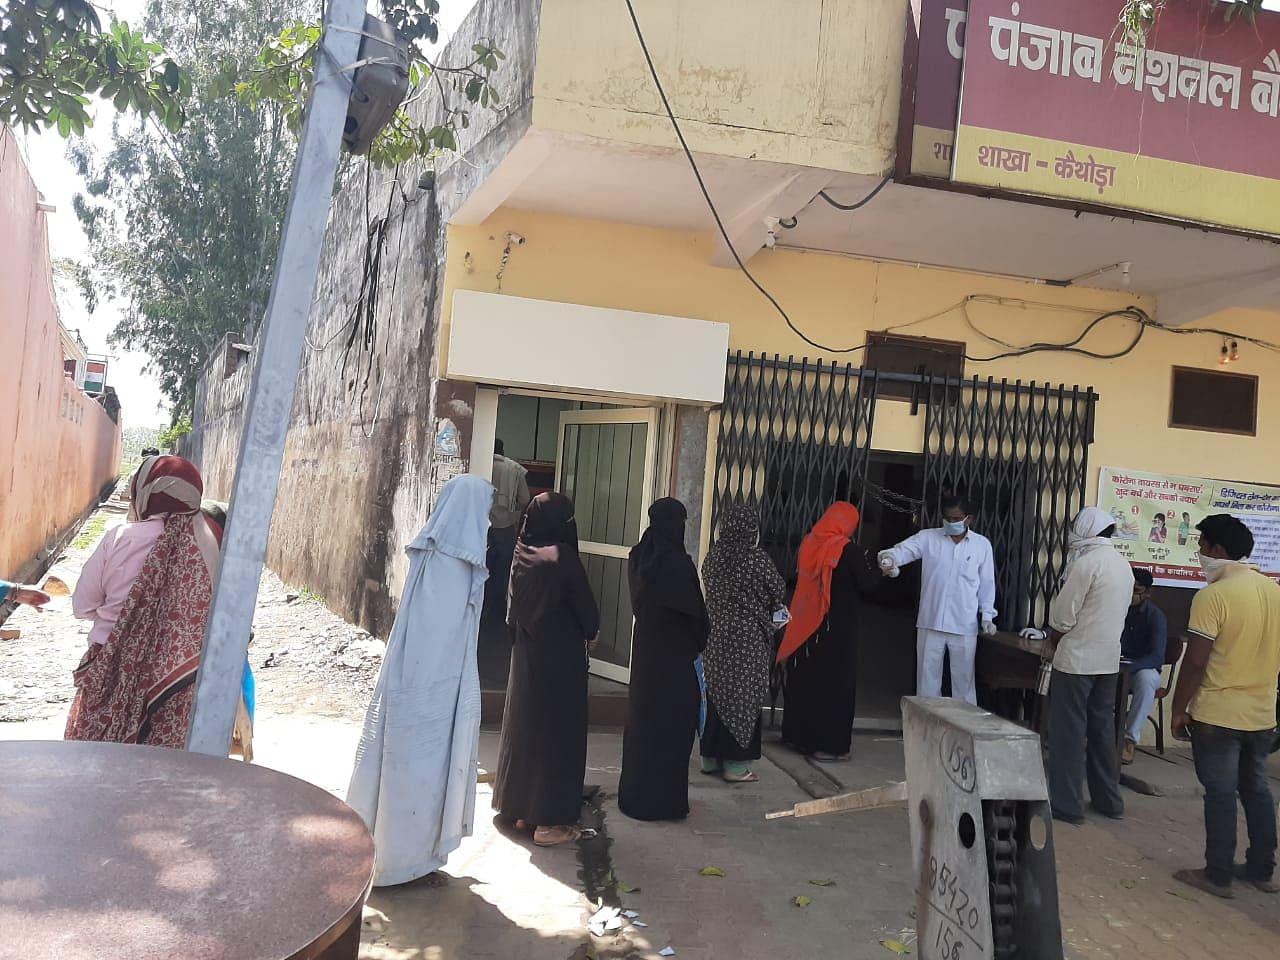 मीरापुर में बैंक के बाहर खाते से रूपये निकालने के लिए लोगों की लंबी लाइन।